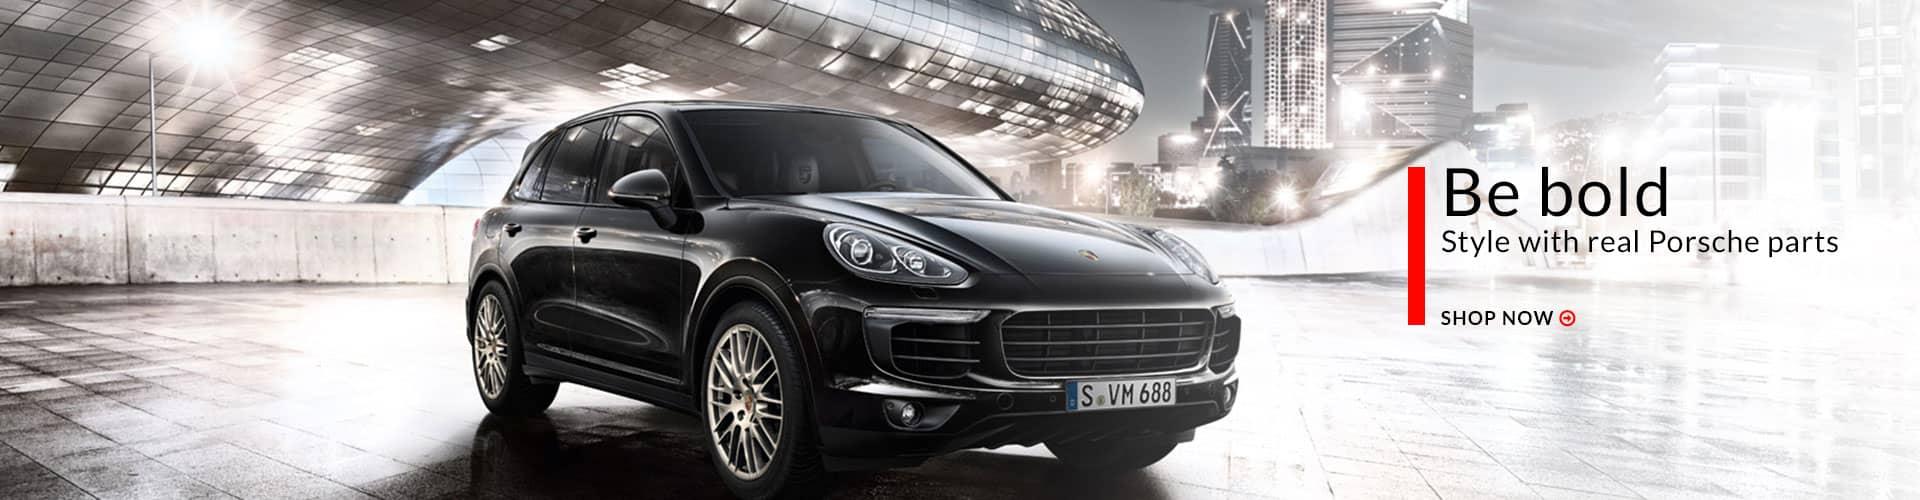 Shop Porsche Parts & Accessories